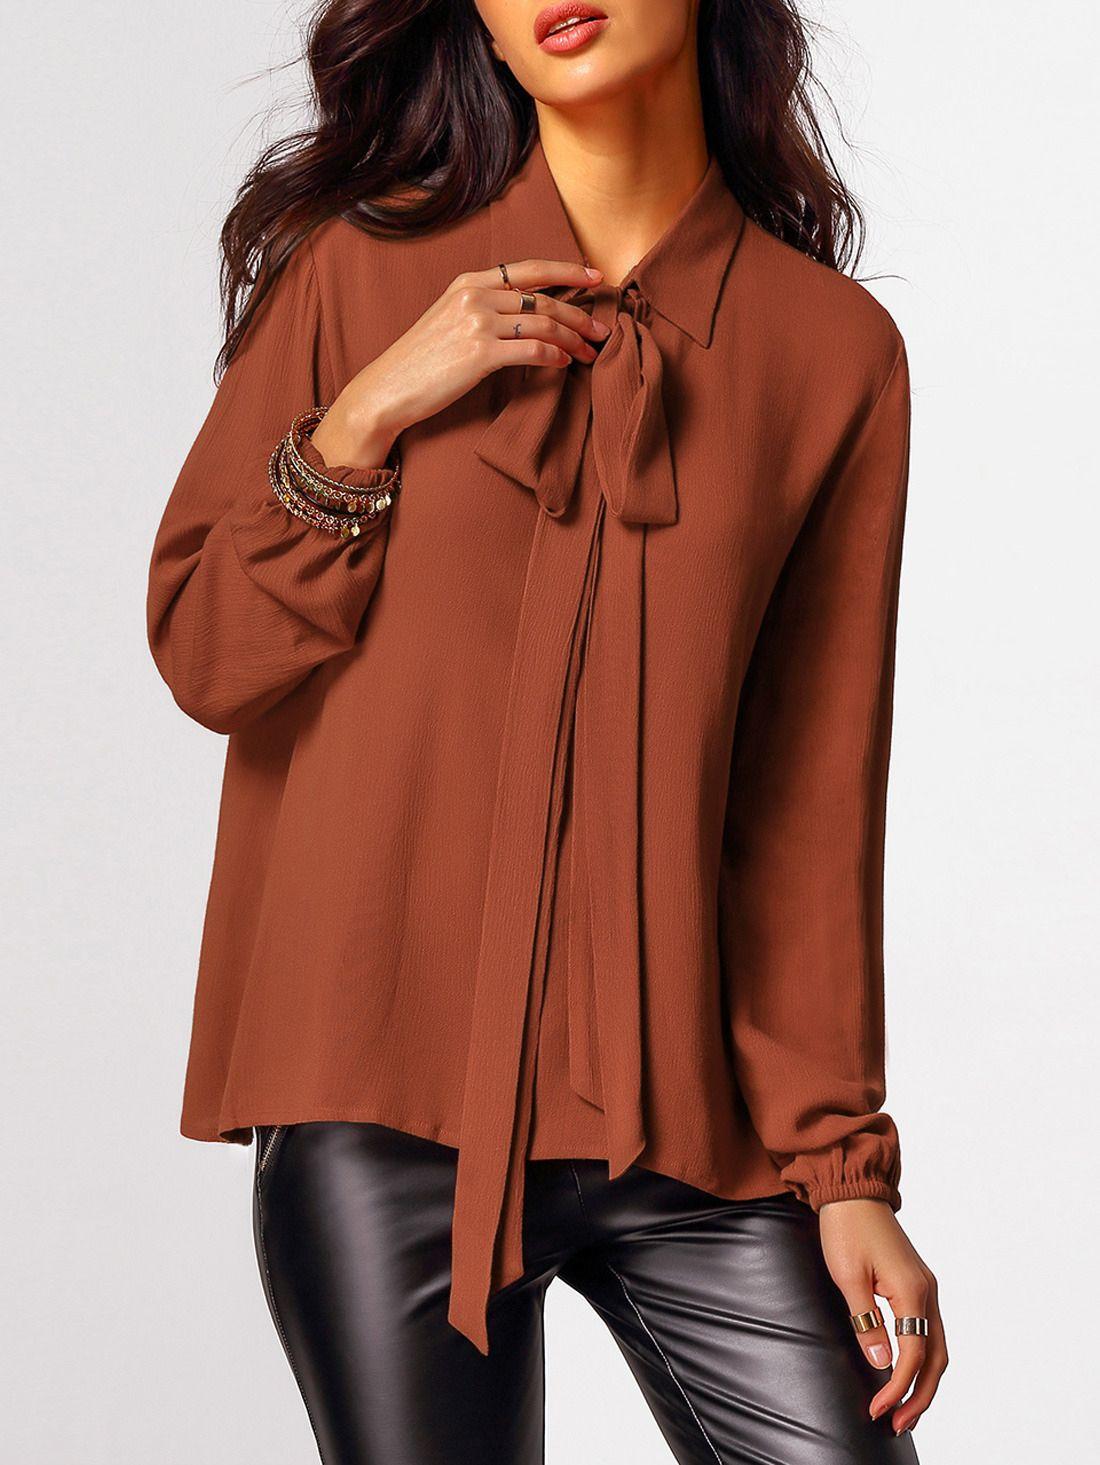 1e1c366a4 Blusa manga larga de mujer color marrón oscuro de SheIn